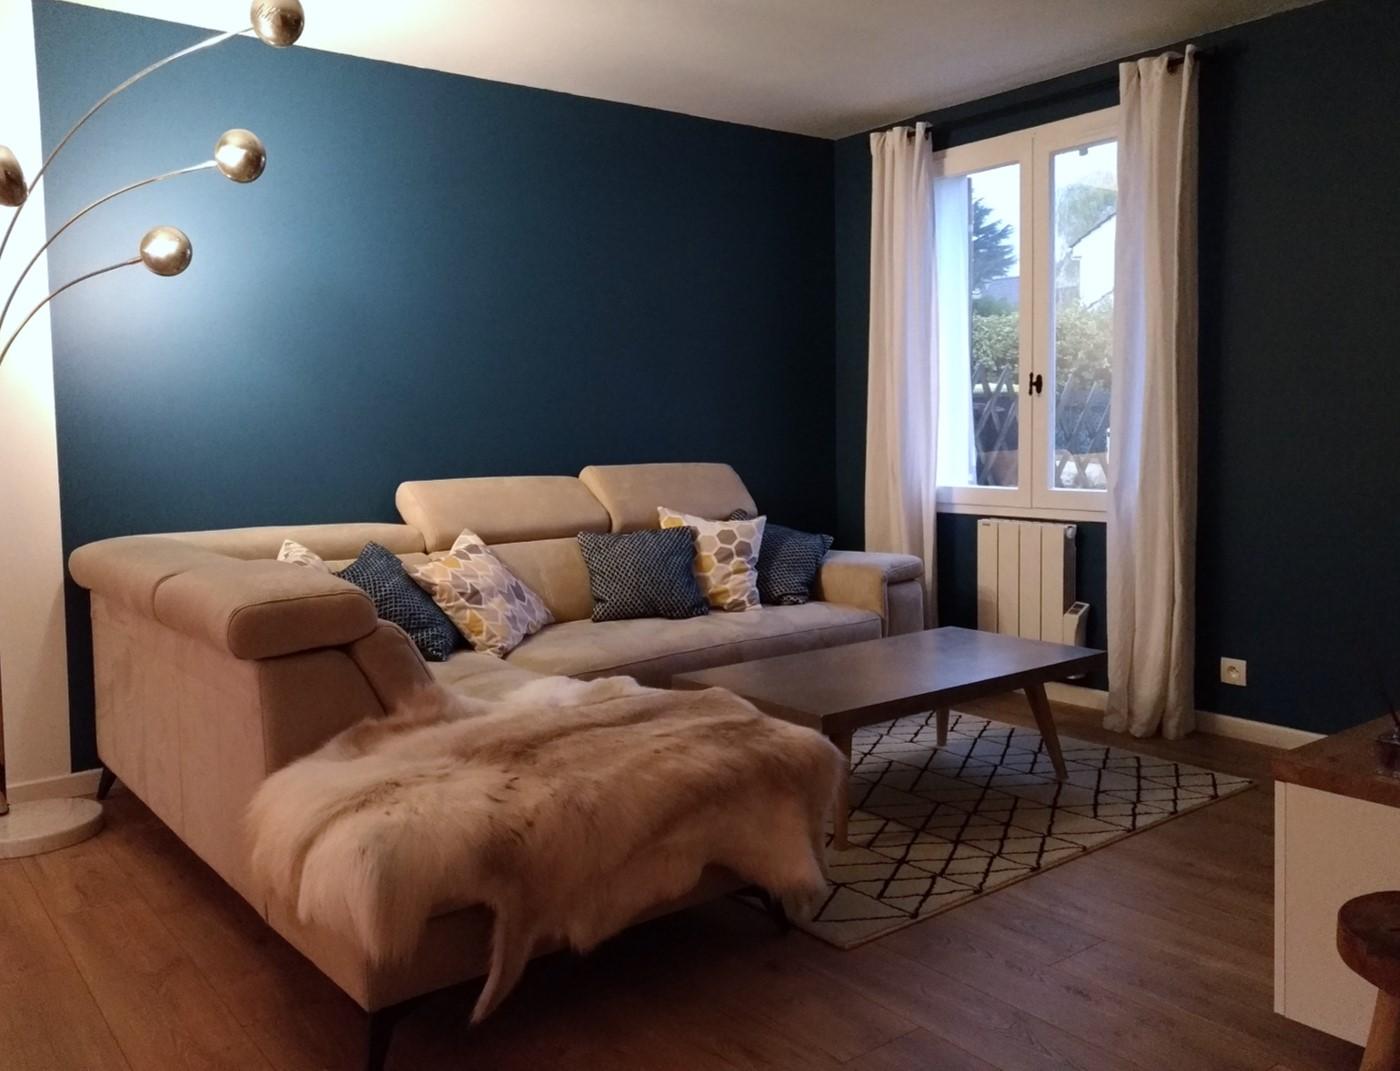 Séjour bleu cosy. mariage de bleu profond et de chêne clair, quelques touches industrielles et textiles chaleureux.